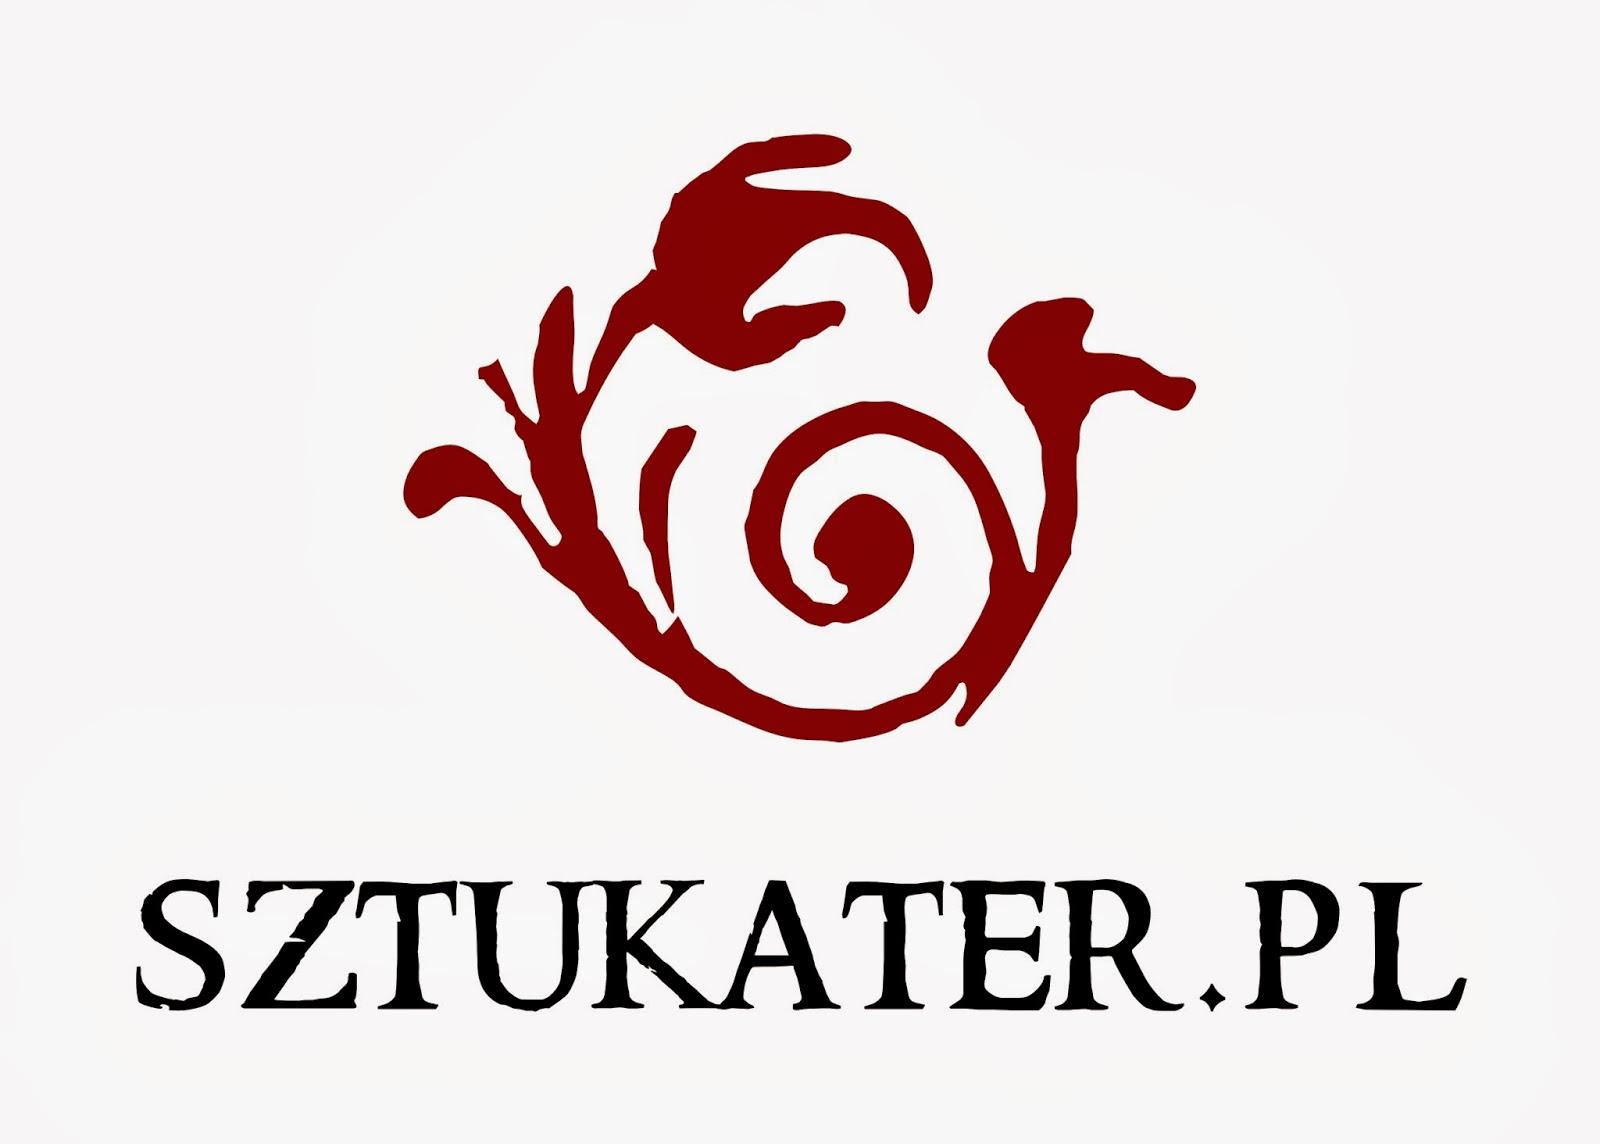 http://sztukater.pl/ksiazki/item/12014-lob-der-sieben-troestungen.html